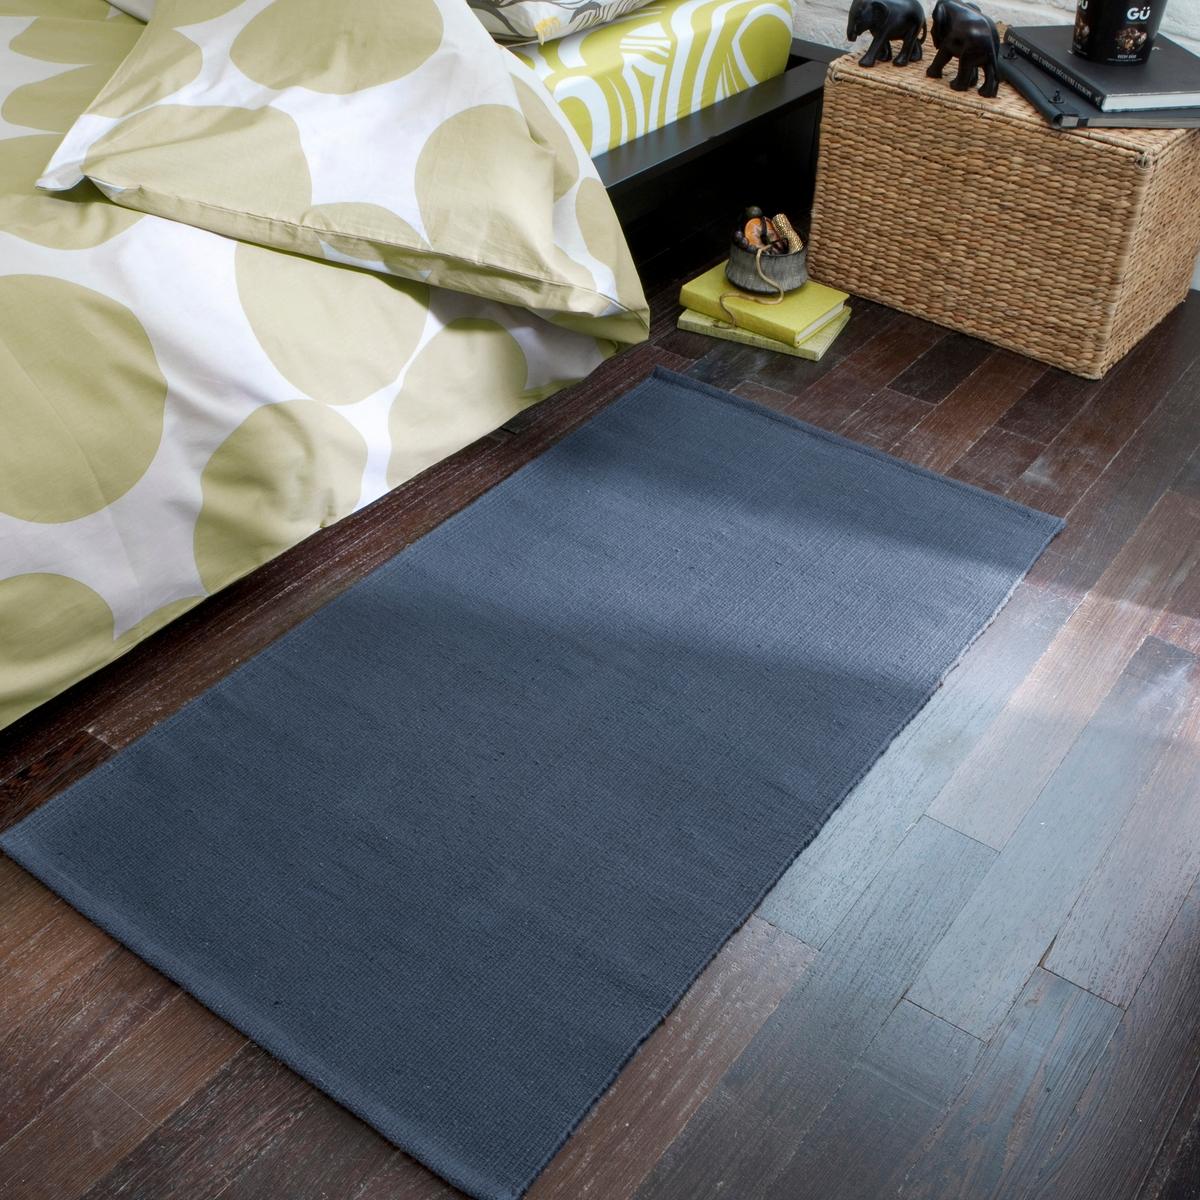 Коврик прикроватный Junkan из хлопкаХарактеристики прикроватного коврика Junkan из хлопка:80% хлопка, 20% полиэстера..875 г/м?.Машинная стирка при 40 °С.Другие коврики Вы можете найти на laredoute.ru.Размеры прикроватного коврика Junkan :Ширина : 60 смДлина : 110 см<br><br>Цвет: серый,сине-серый